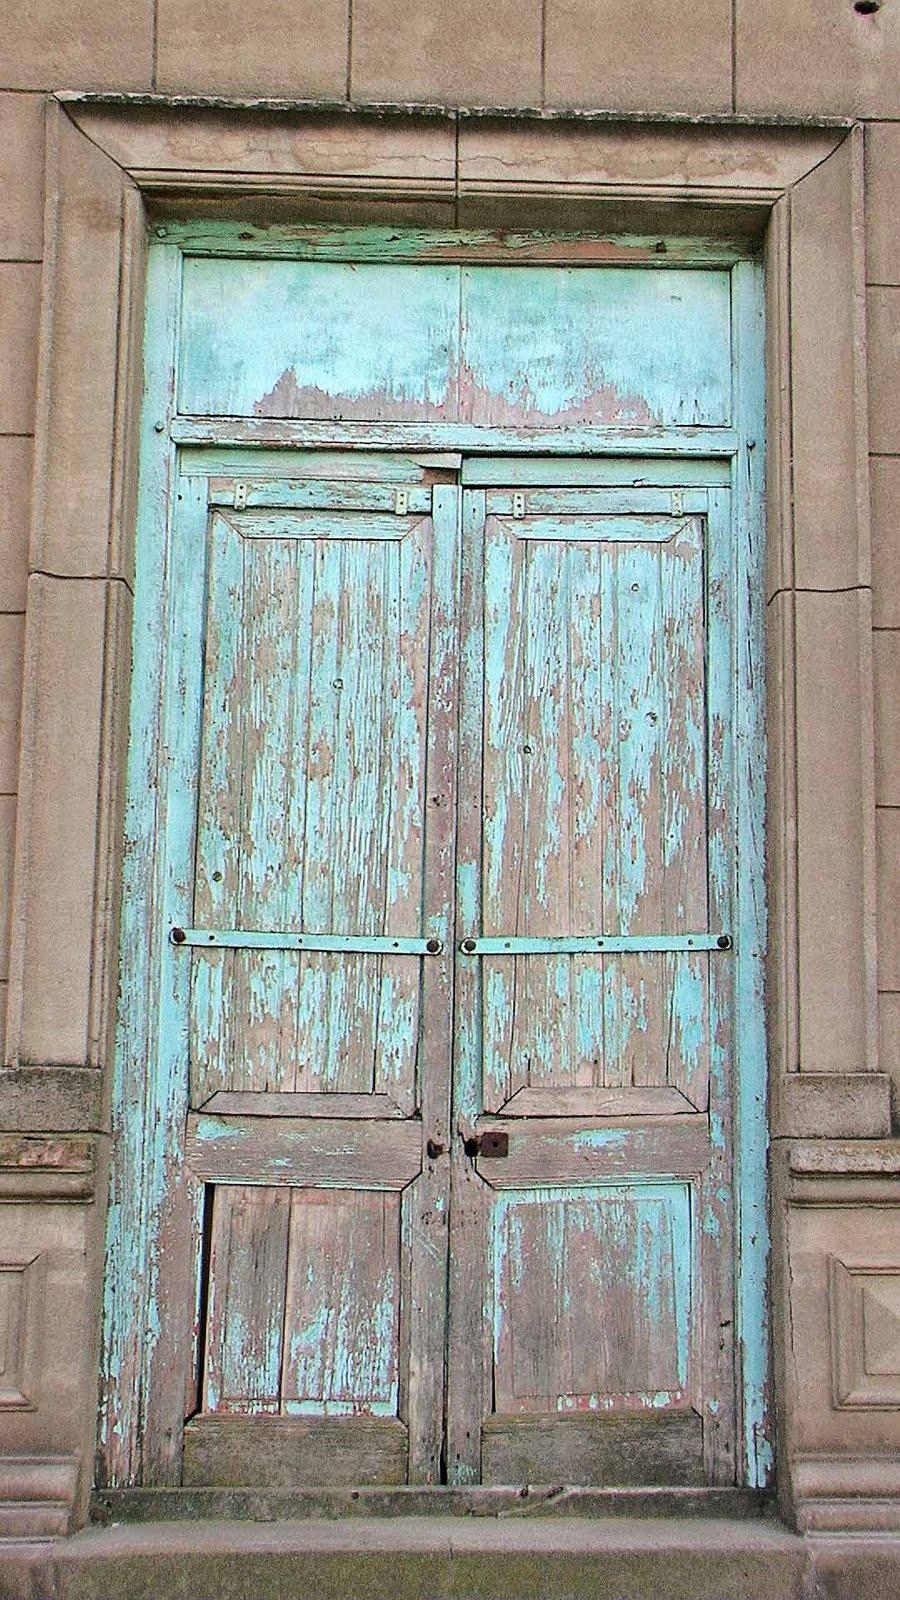 Mundo matungo vieja esquina vieja puerta viejas ventanas for Puertas viejas